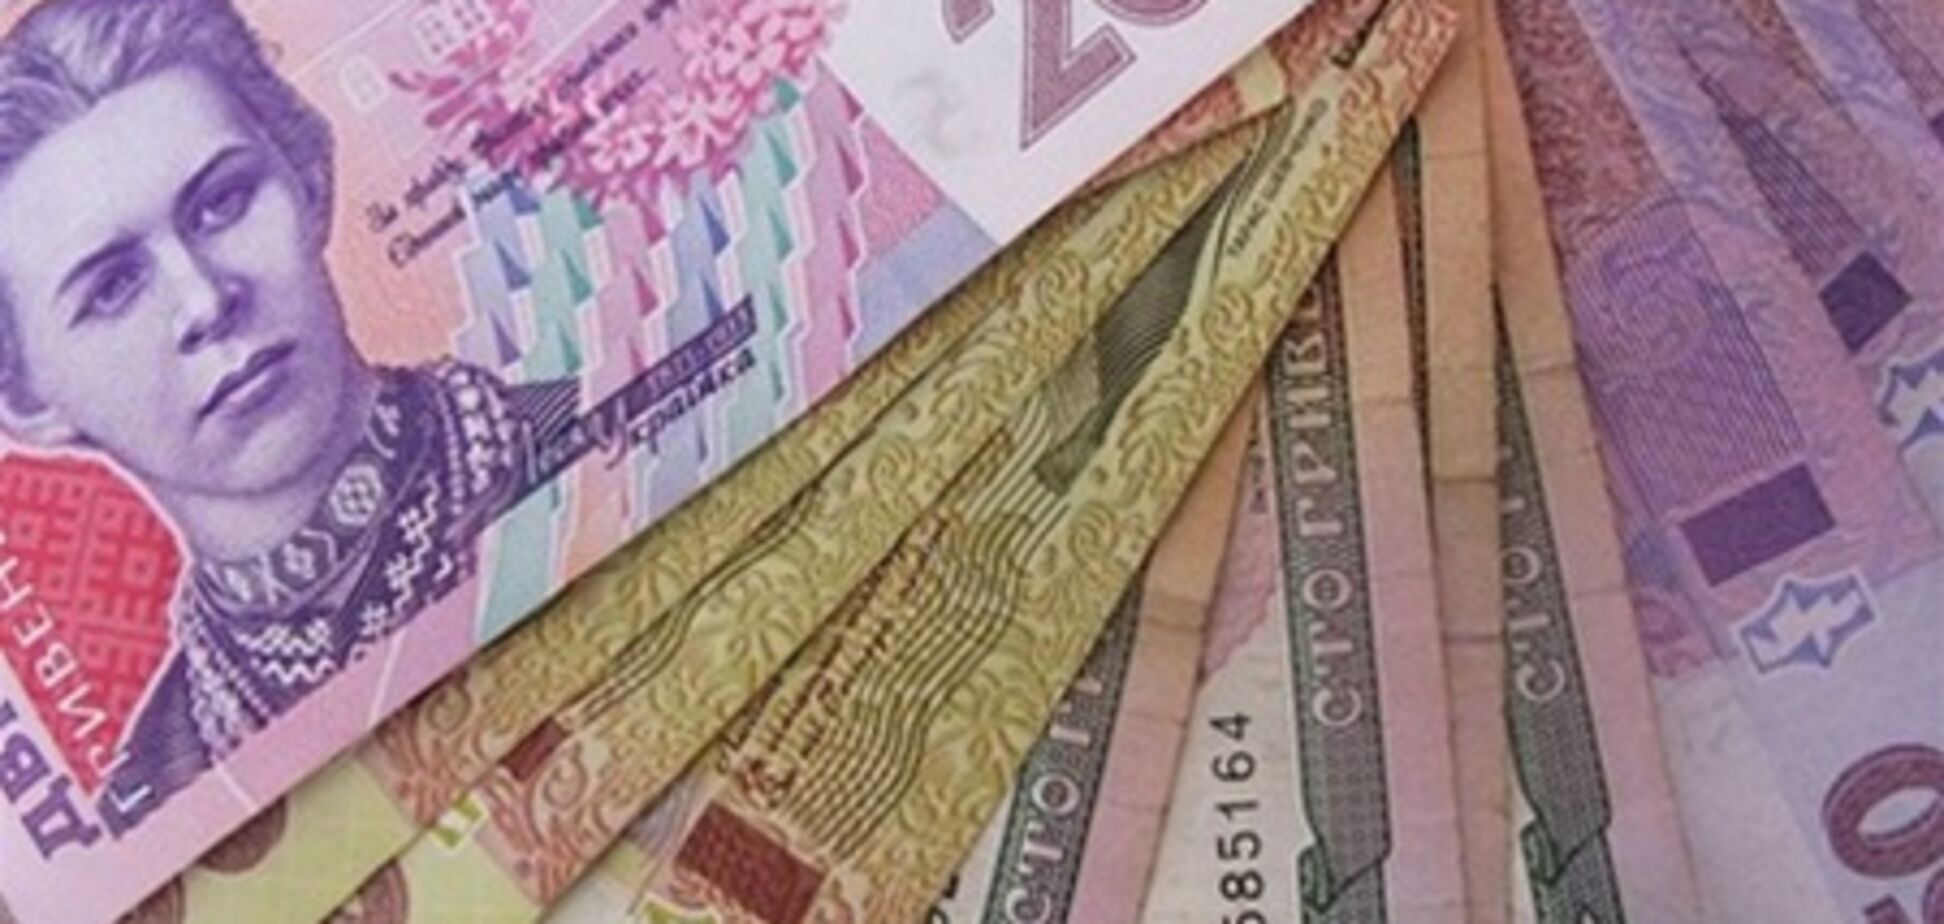 В Киеве задержан чиновник, разбазаривший 350 тыс. гривен